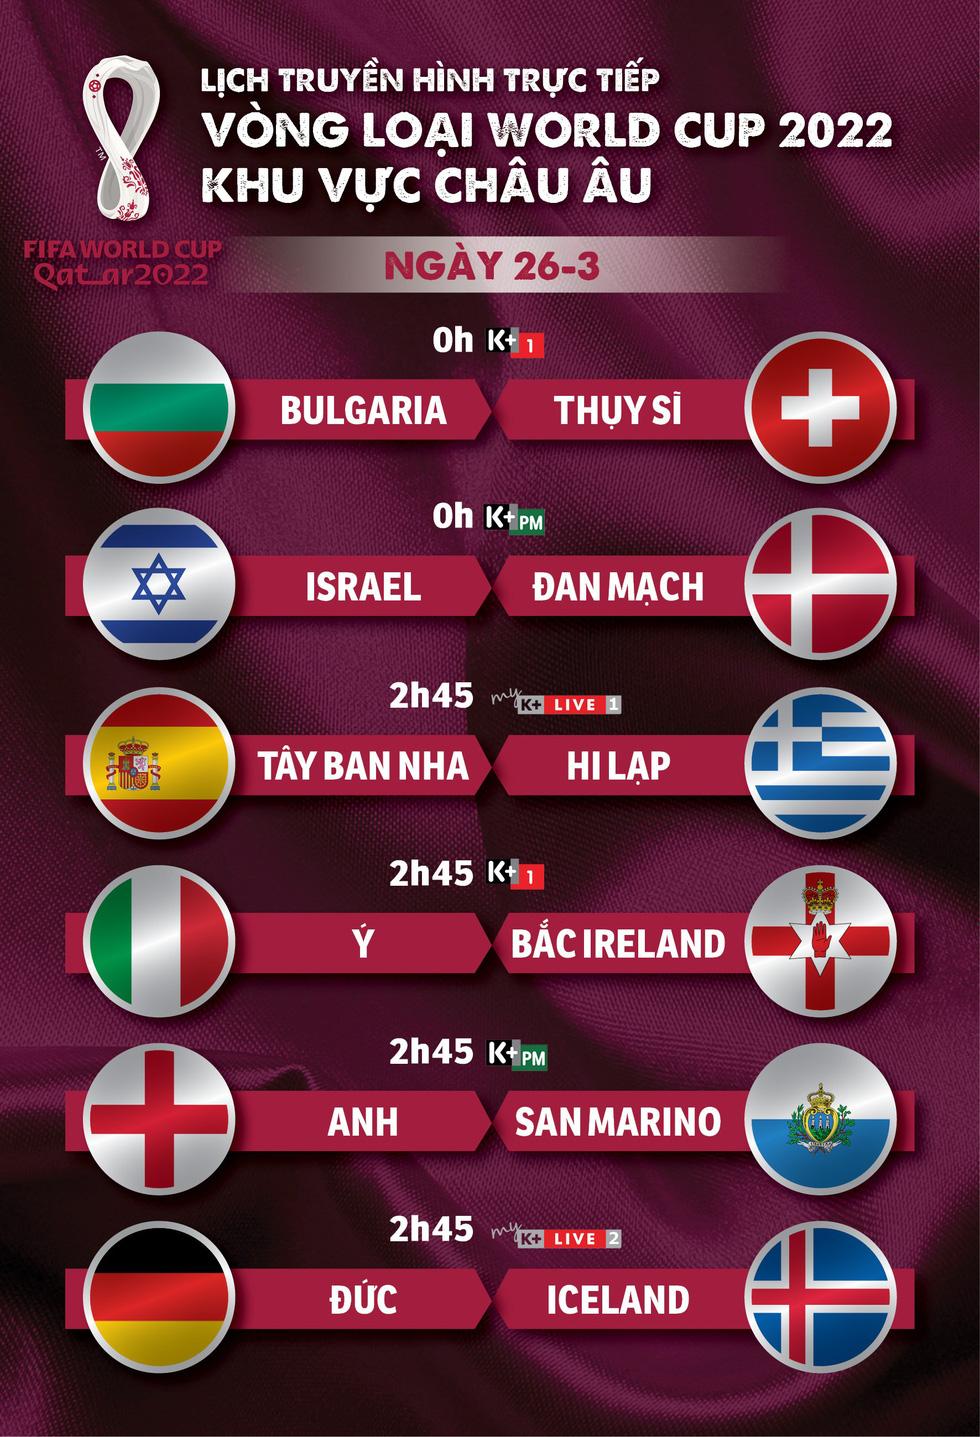 Lịch trực tiếp vòng loại World Cup 2022 châu Âu: Tây Ban Nha, Đức, Anh thi đấu - Ảnh 1.